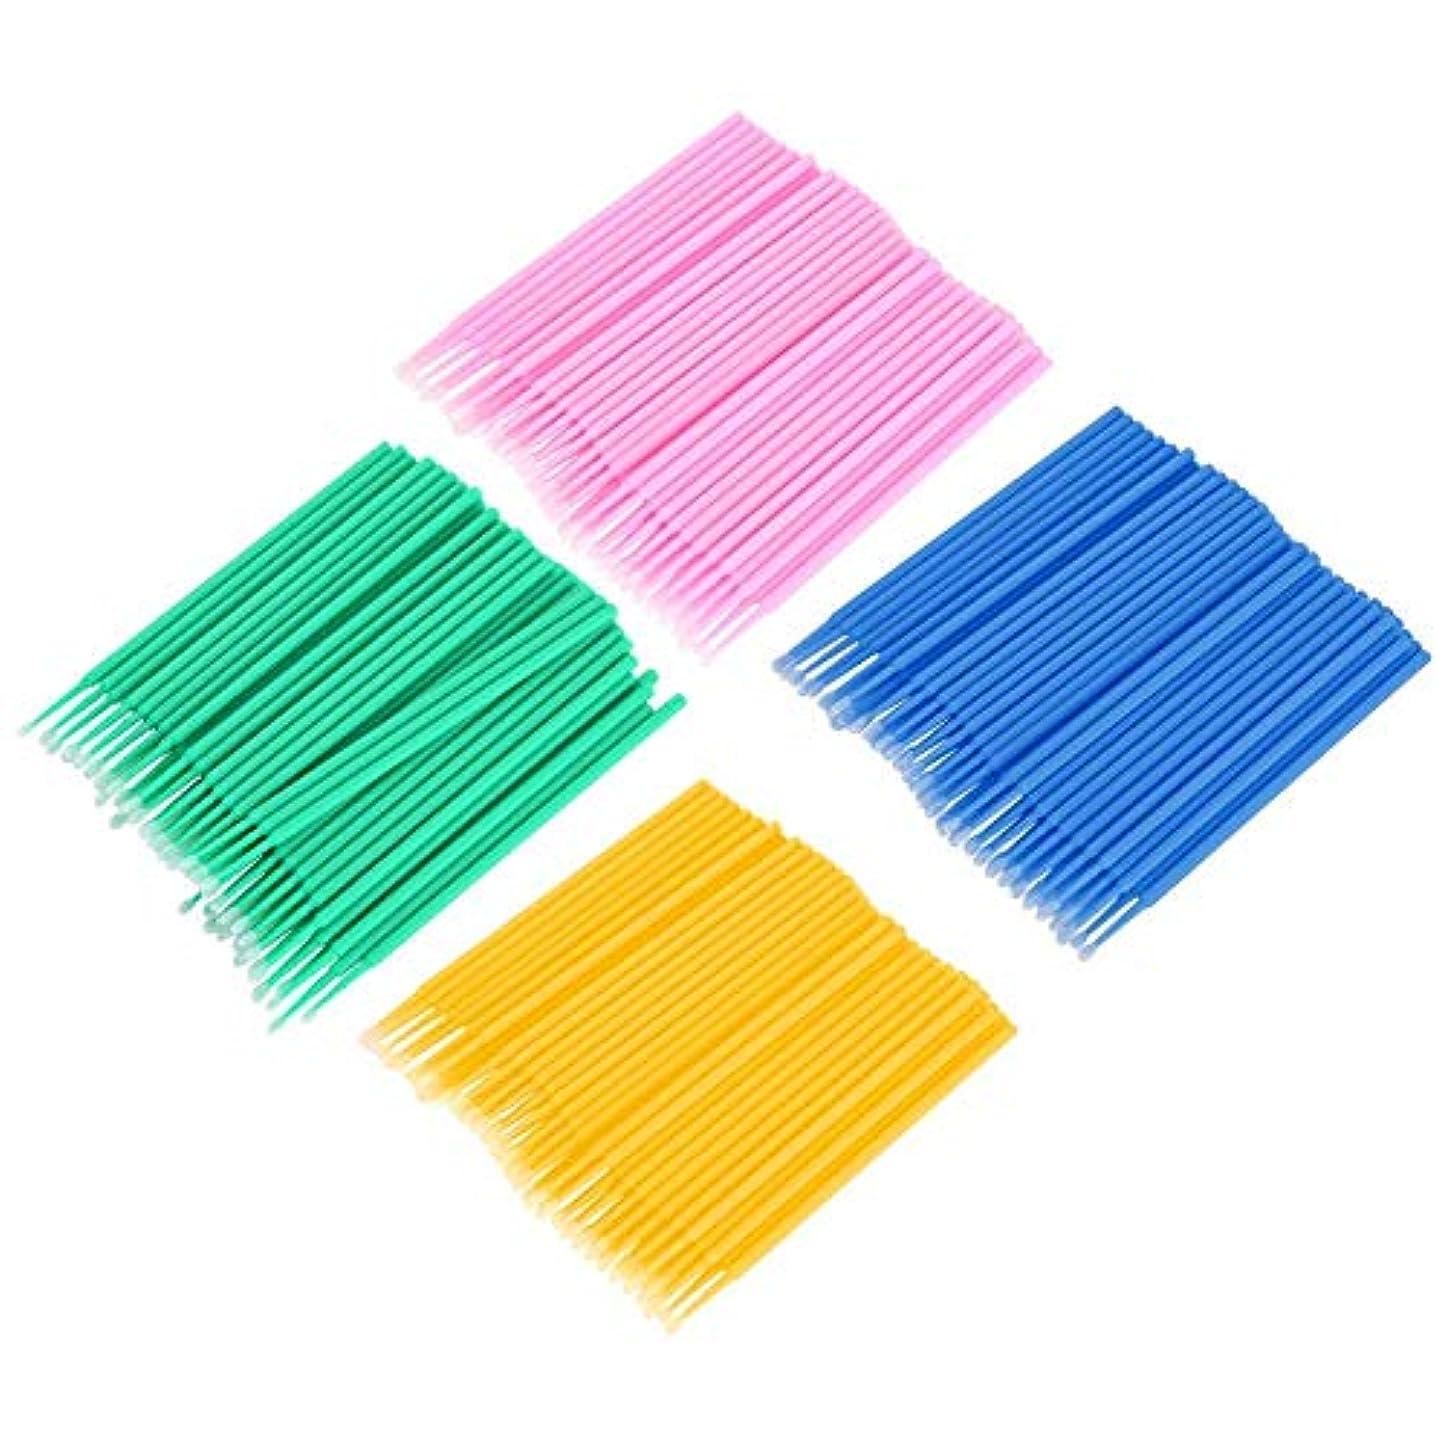 ハロウィン研究所繕うSemmeコットン綿棒、まつげリムーバーまたはプライマーコットンスティック400個使い捨てコットンスティックまつげクリーニングスティックマイクロブラシ綿棒まつげライト